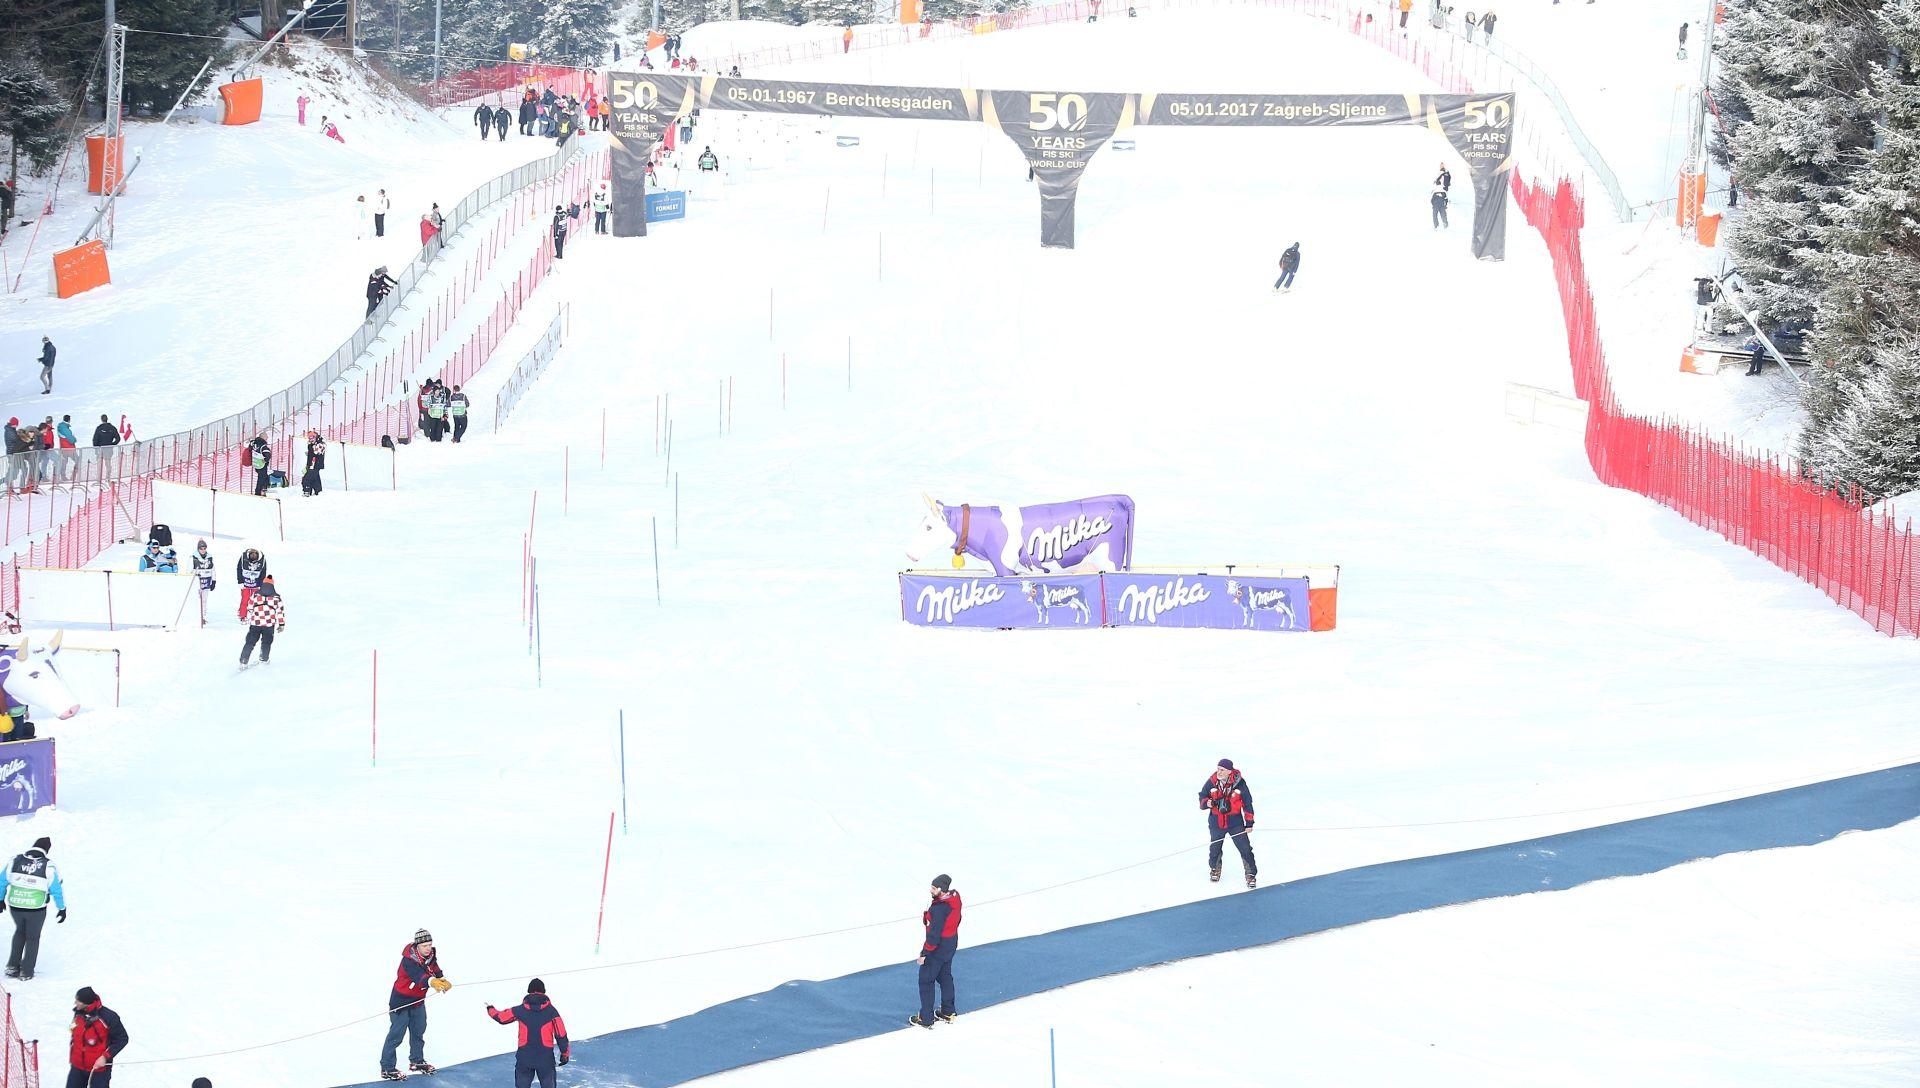 SNJEŽNA KRALJICA Odustala najbolja svjetska slalomašica Mikaela Shiffrin